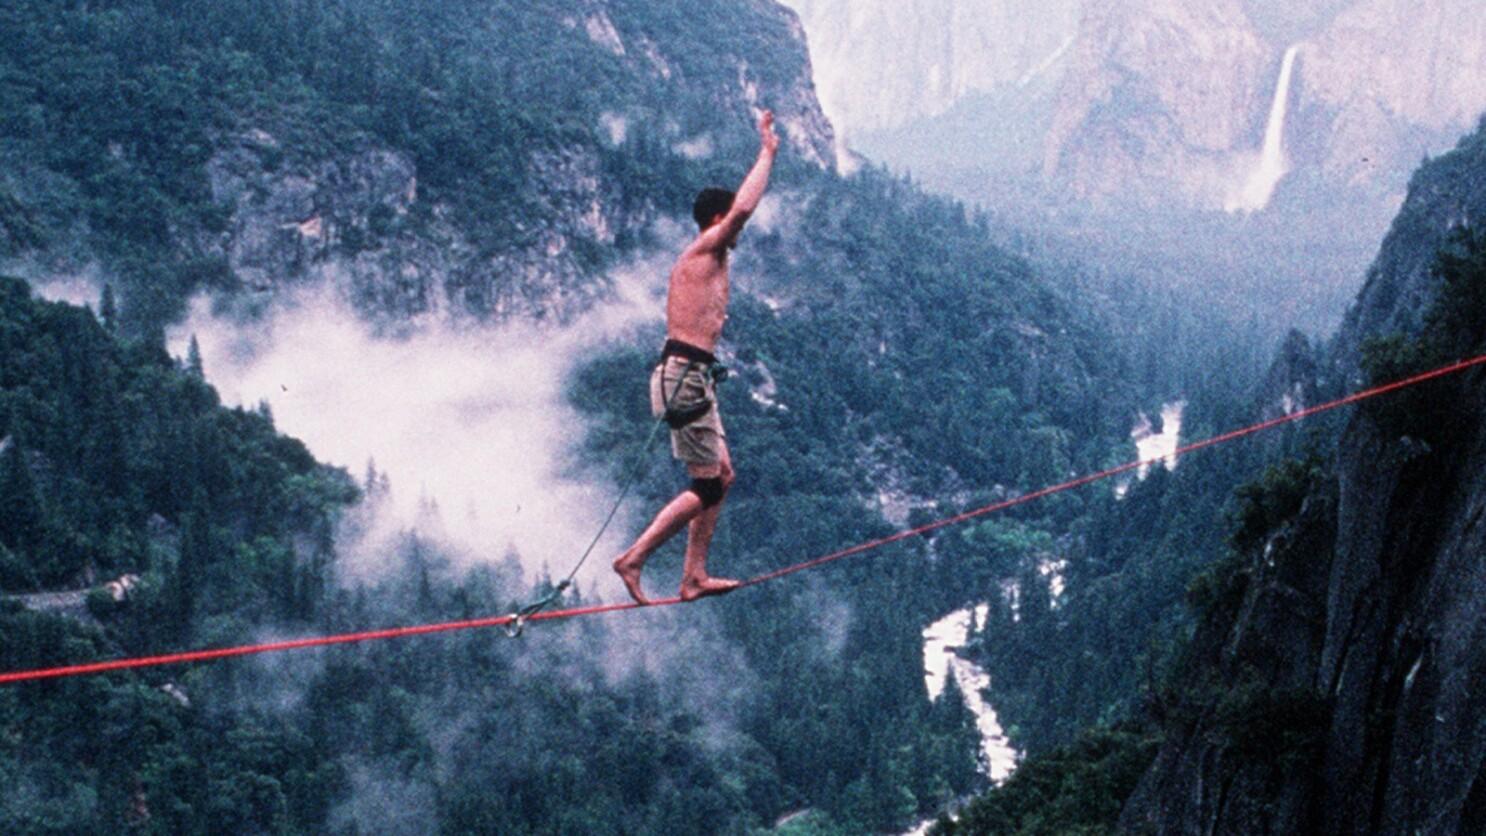 Death rock climber Famed rock